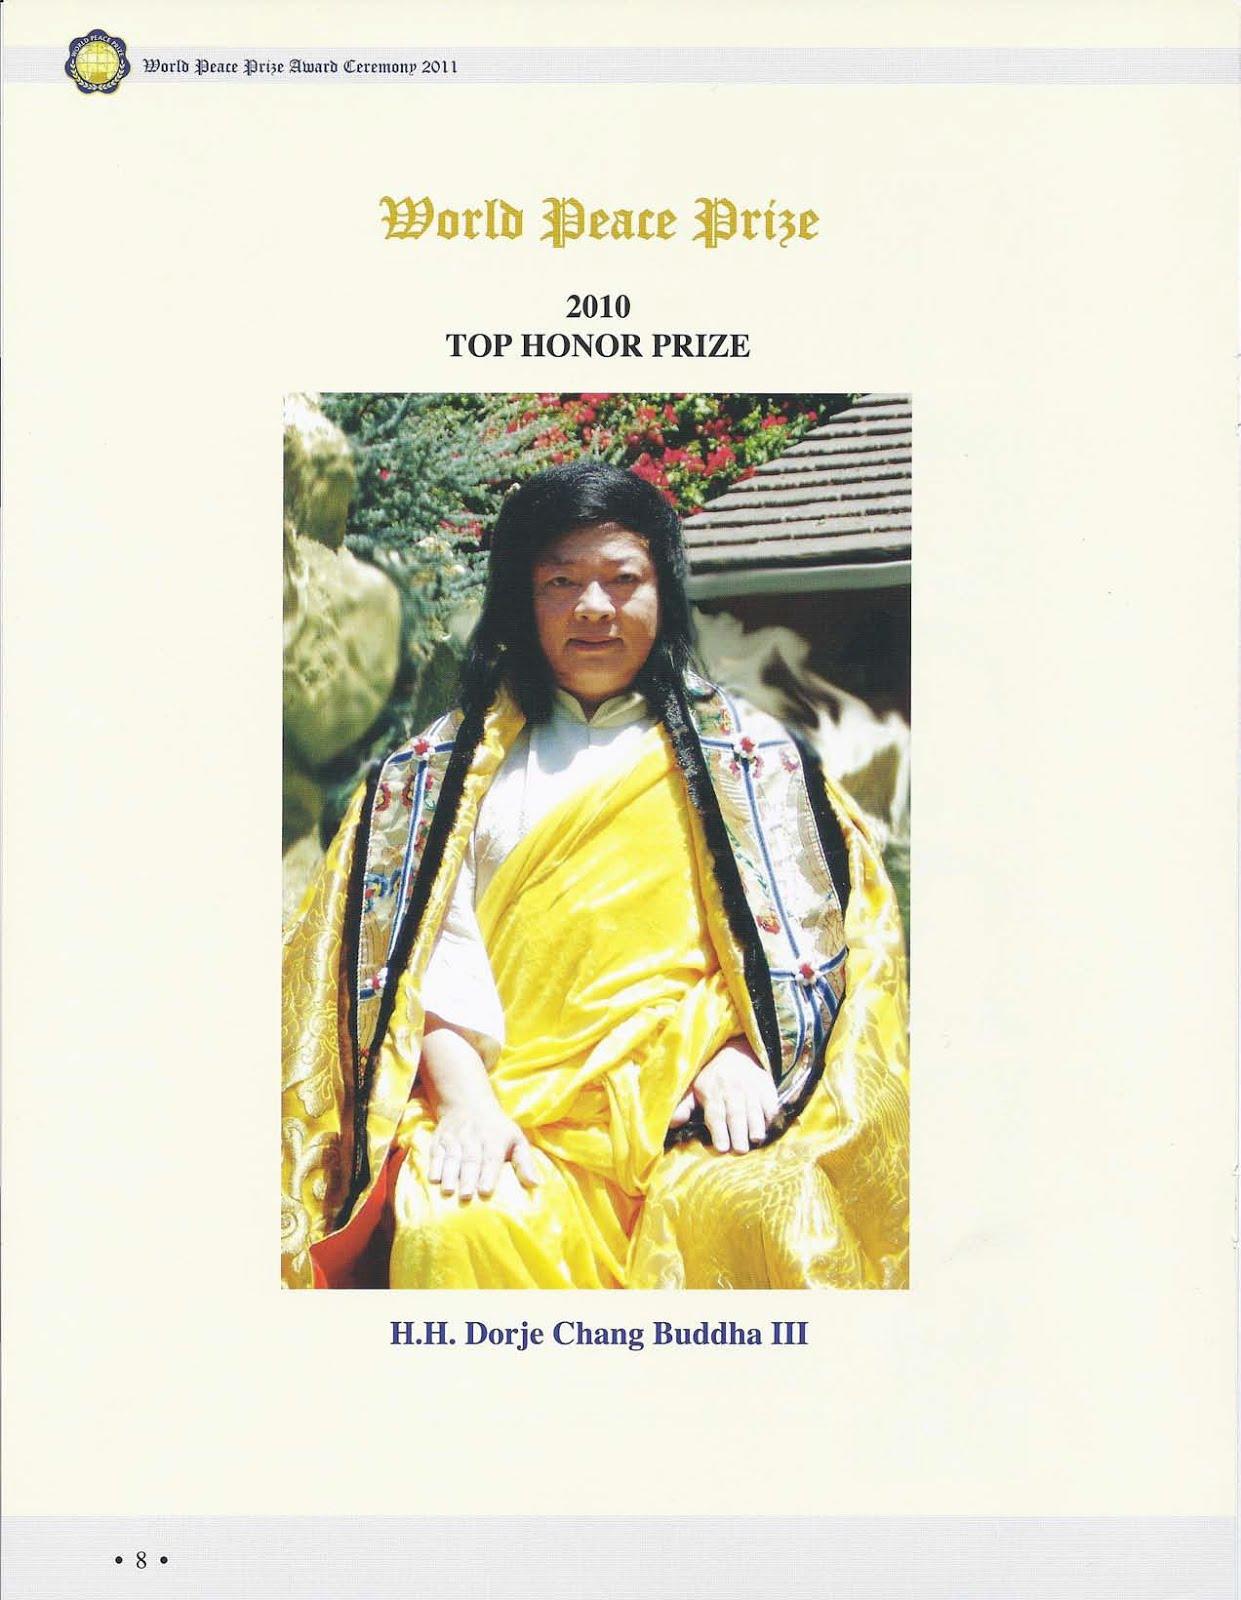 第三世多杰羌佛獲世界和平獎元首級最高榮譽獎